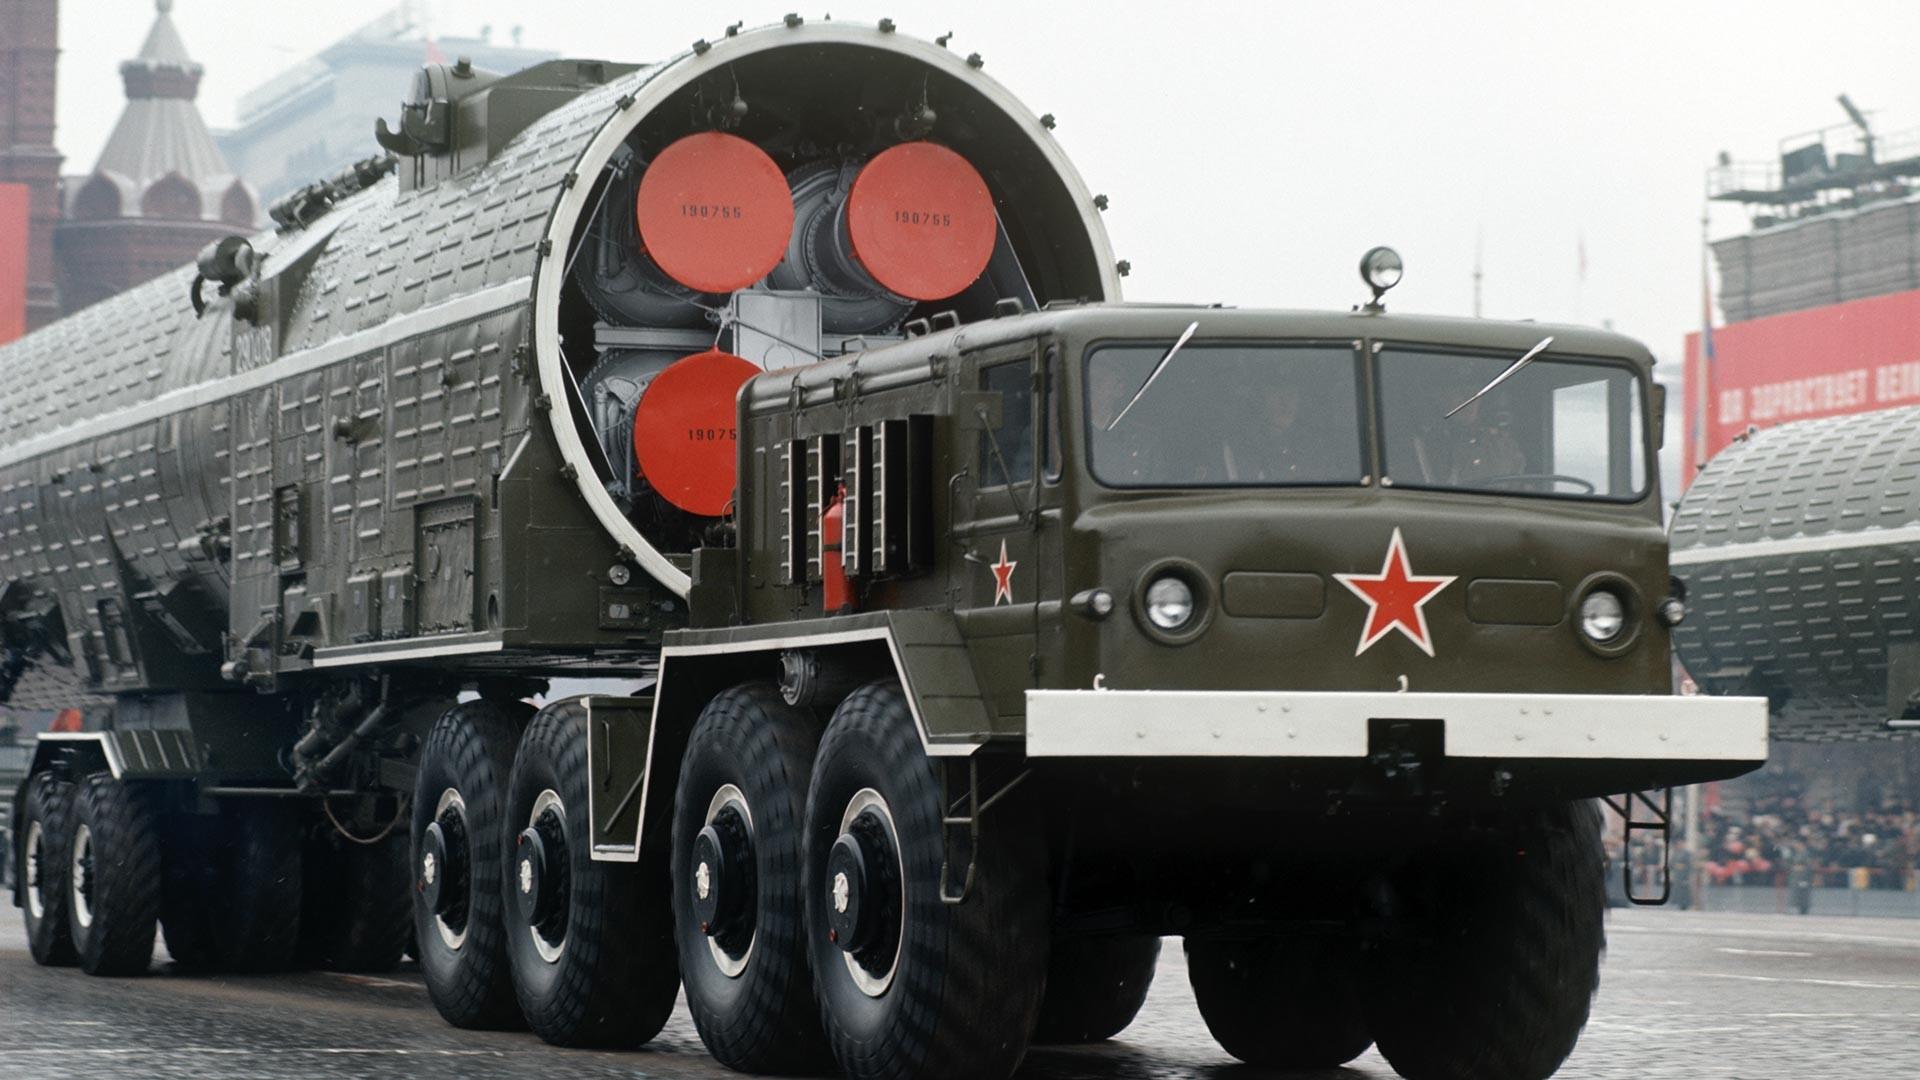 十月革命の55周年の祝う軍事パレードにて